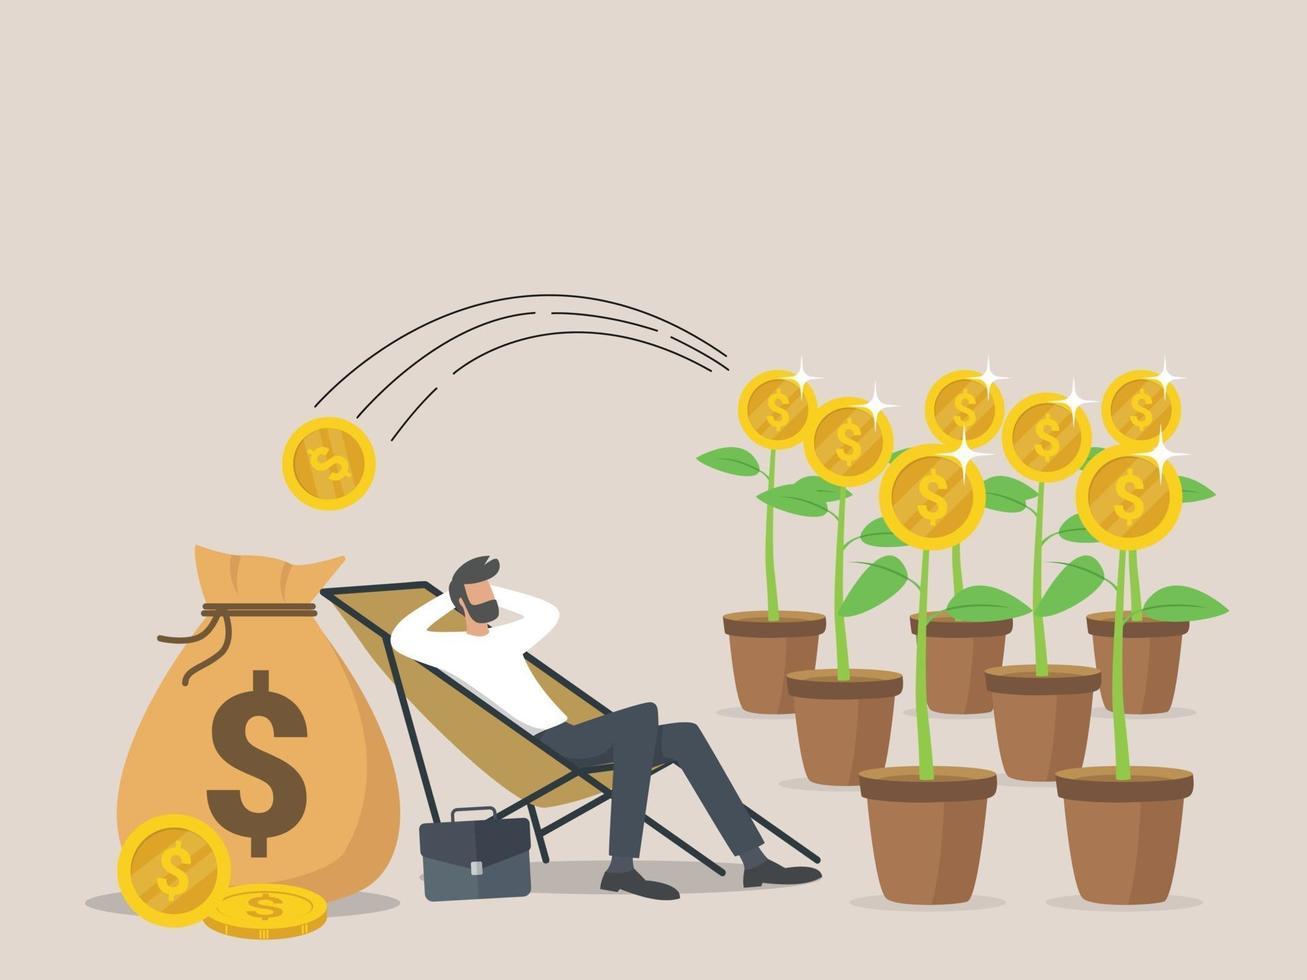 passiv inkomst, lön och vinst koncept, en man slappnar av och väntar på att pengarna ska komma in i sin dollarpåse. vektor